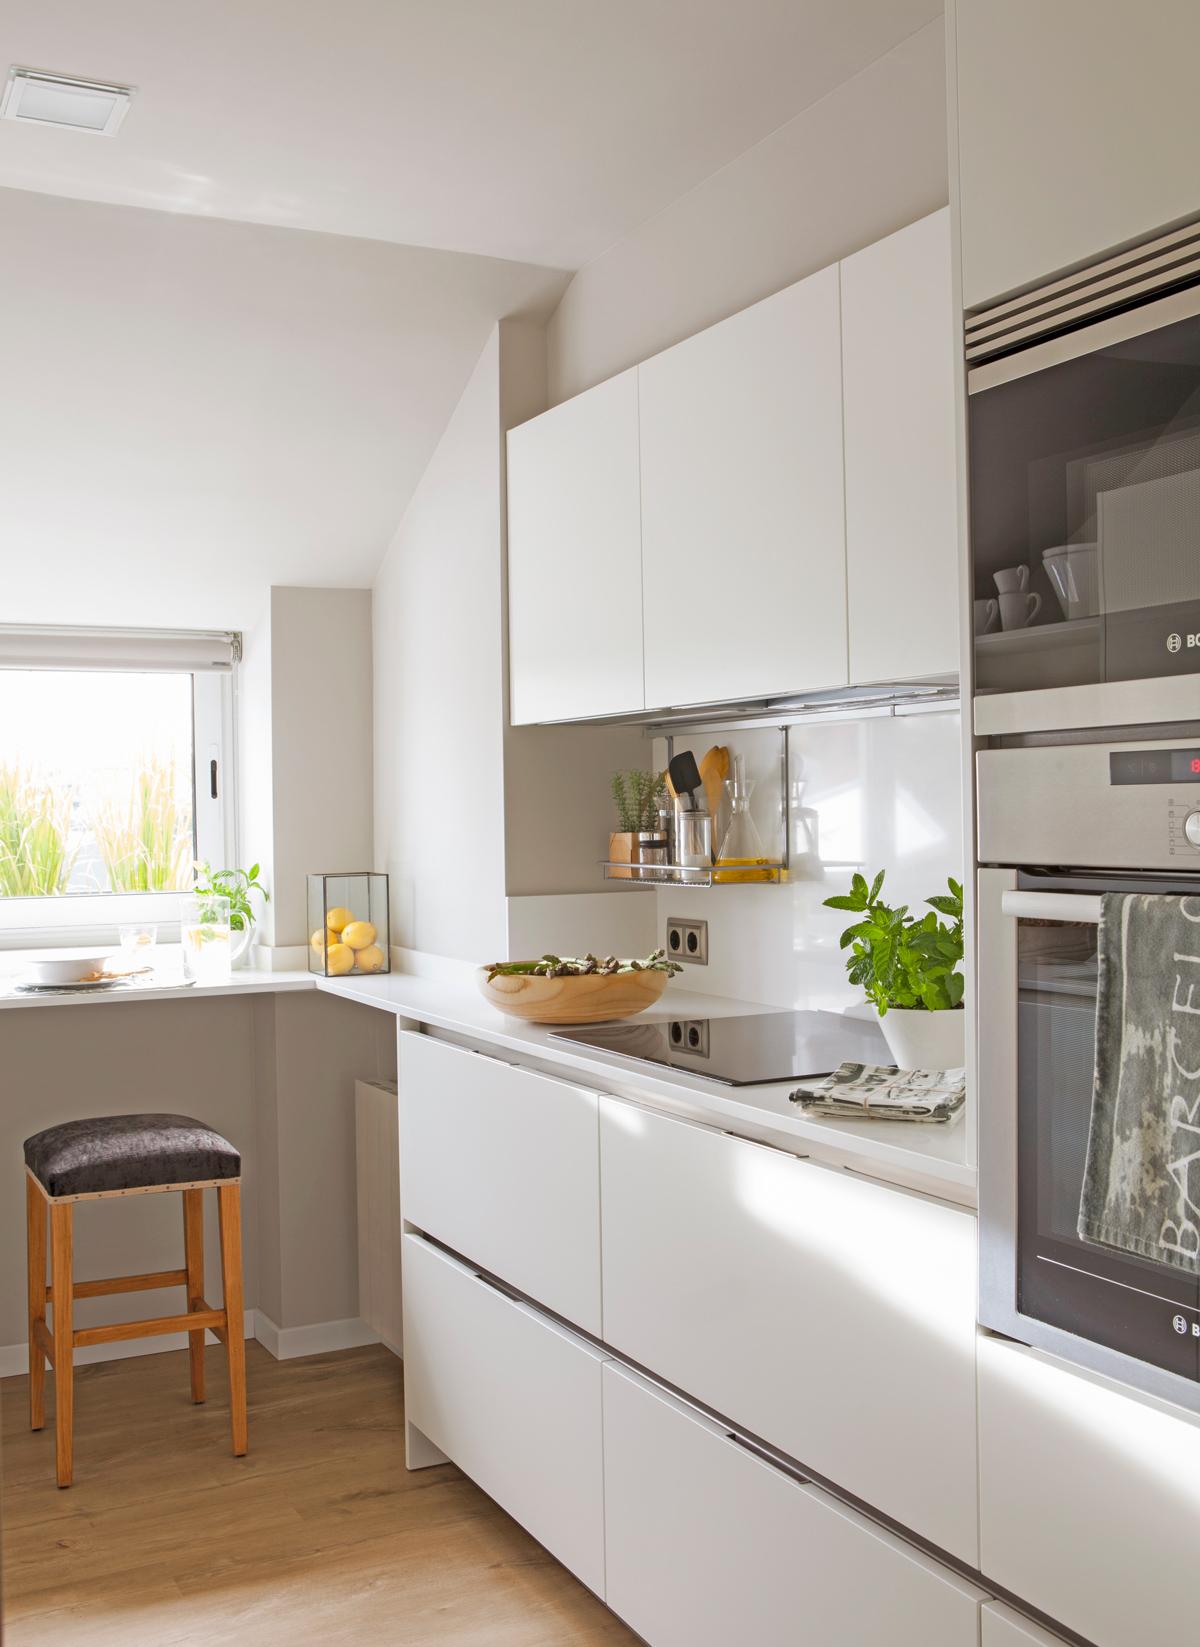 Barra de cocina ikea verde isla central y la barra blanca - Frente cocina ikea ...